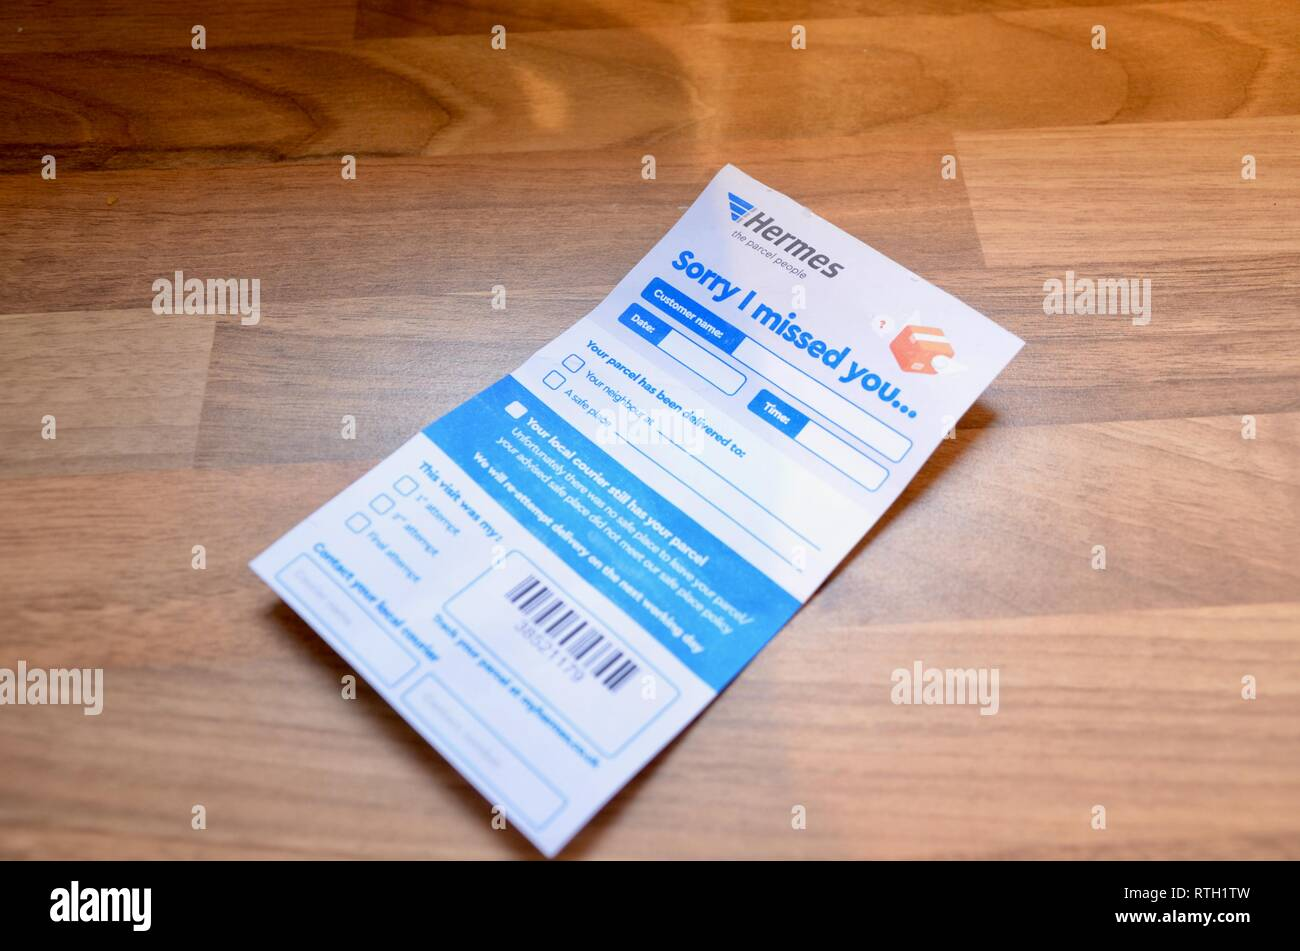 Un désolé tu m'as manqué mon hermes england Uk carte de livraison Photo Stock